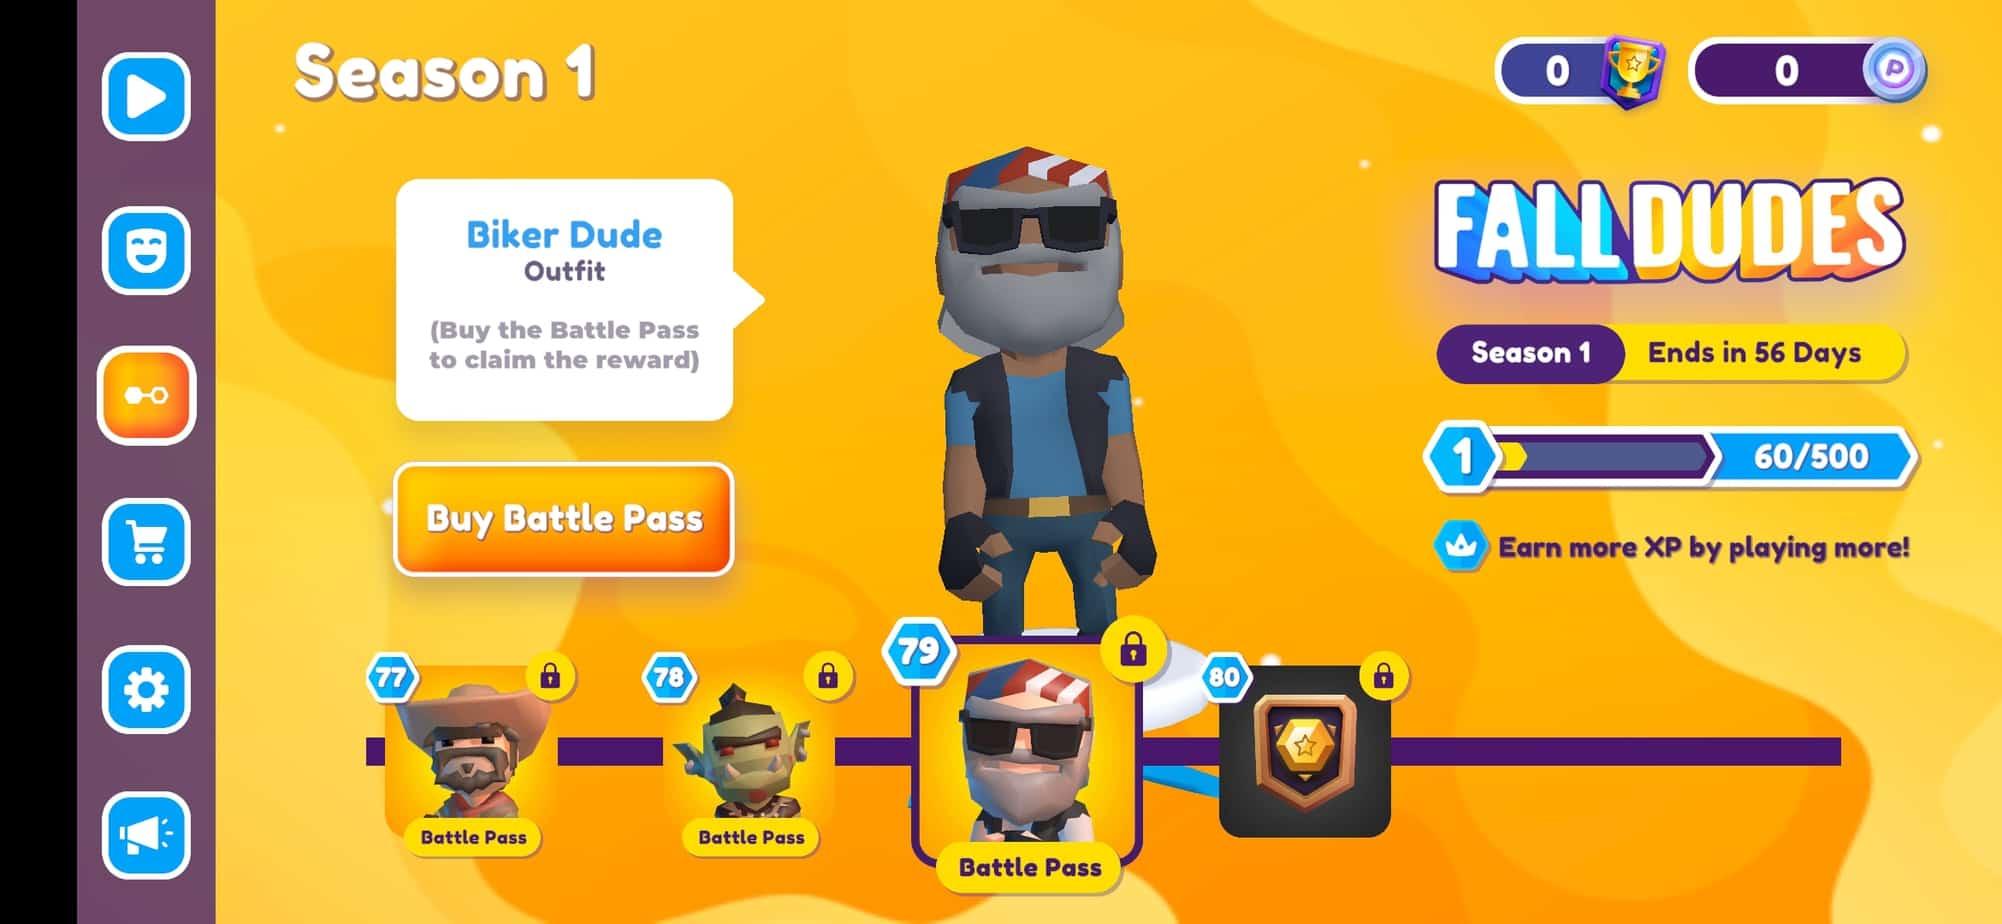 Fall Dudes Multiplayer: ecco come partecipare dal 5 Ottobre e giocare alla Beta v1.3.0!